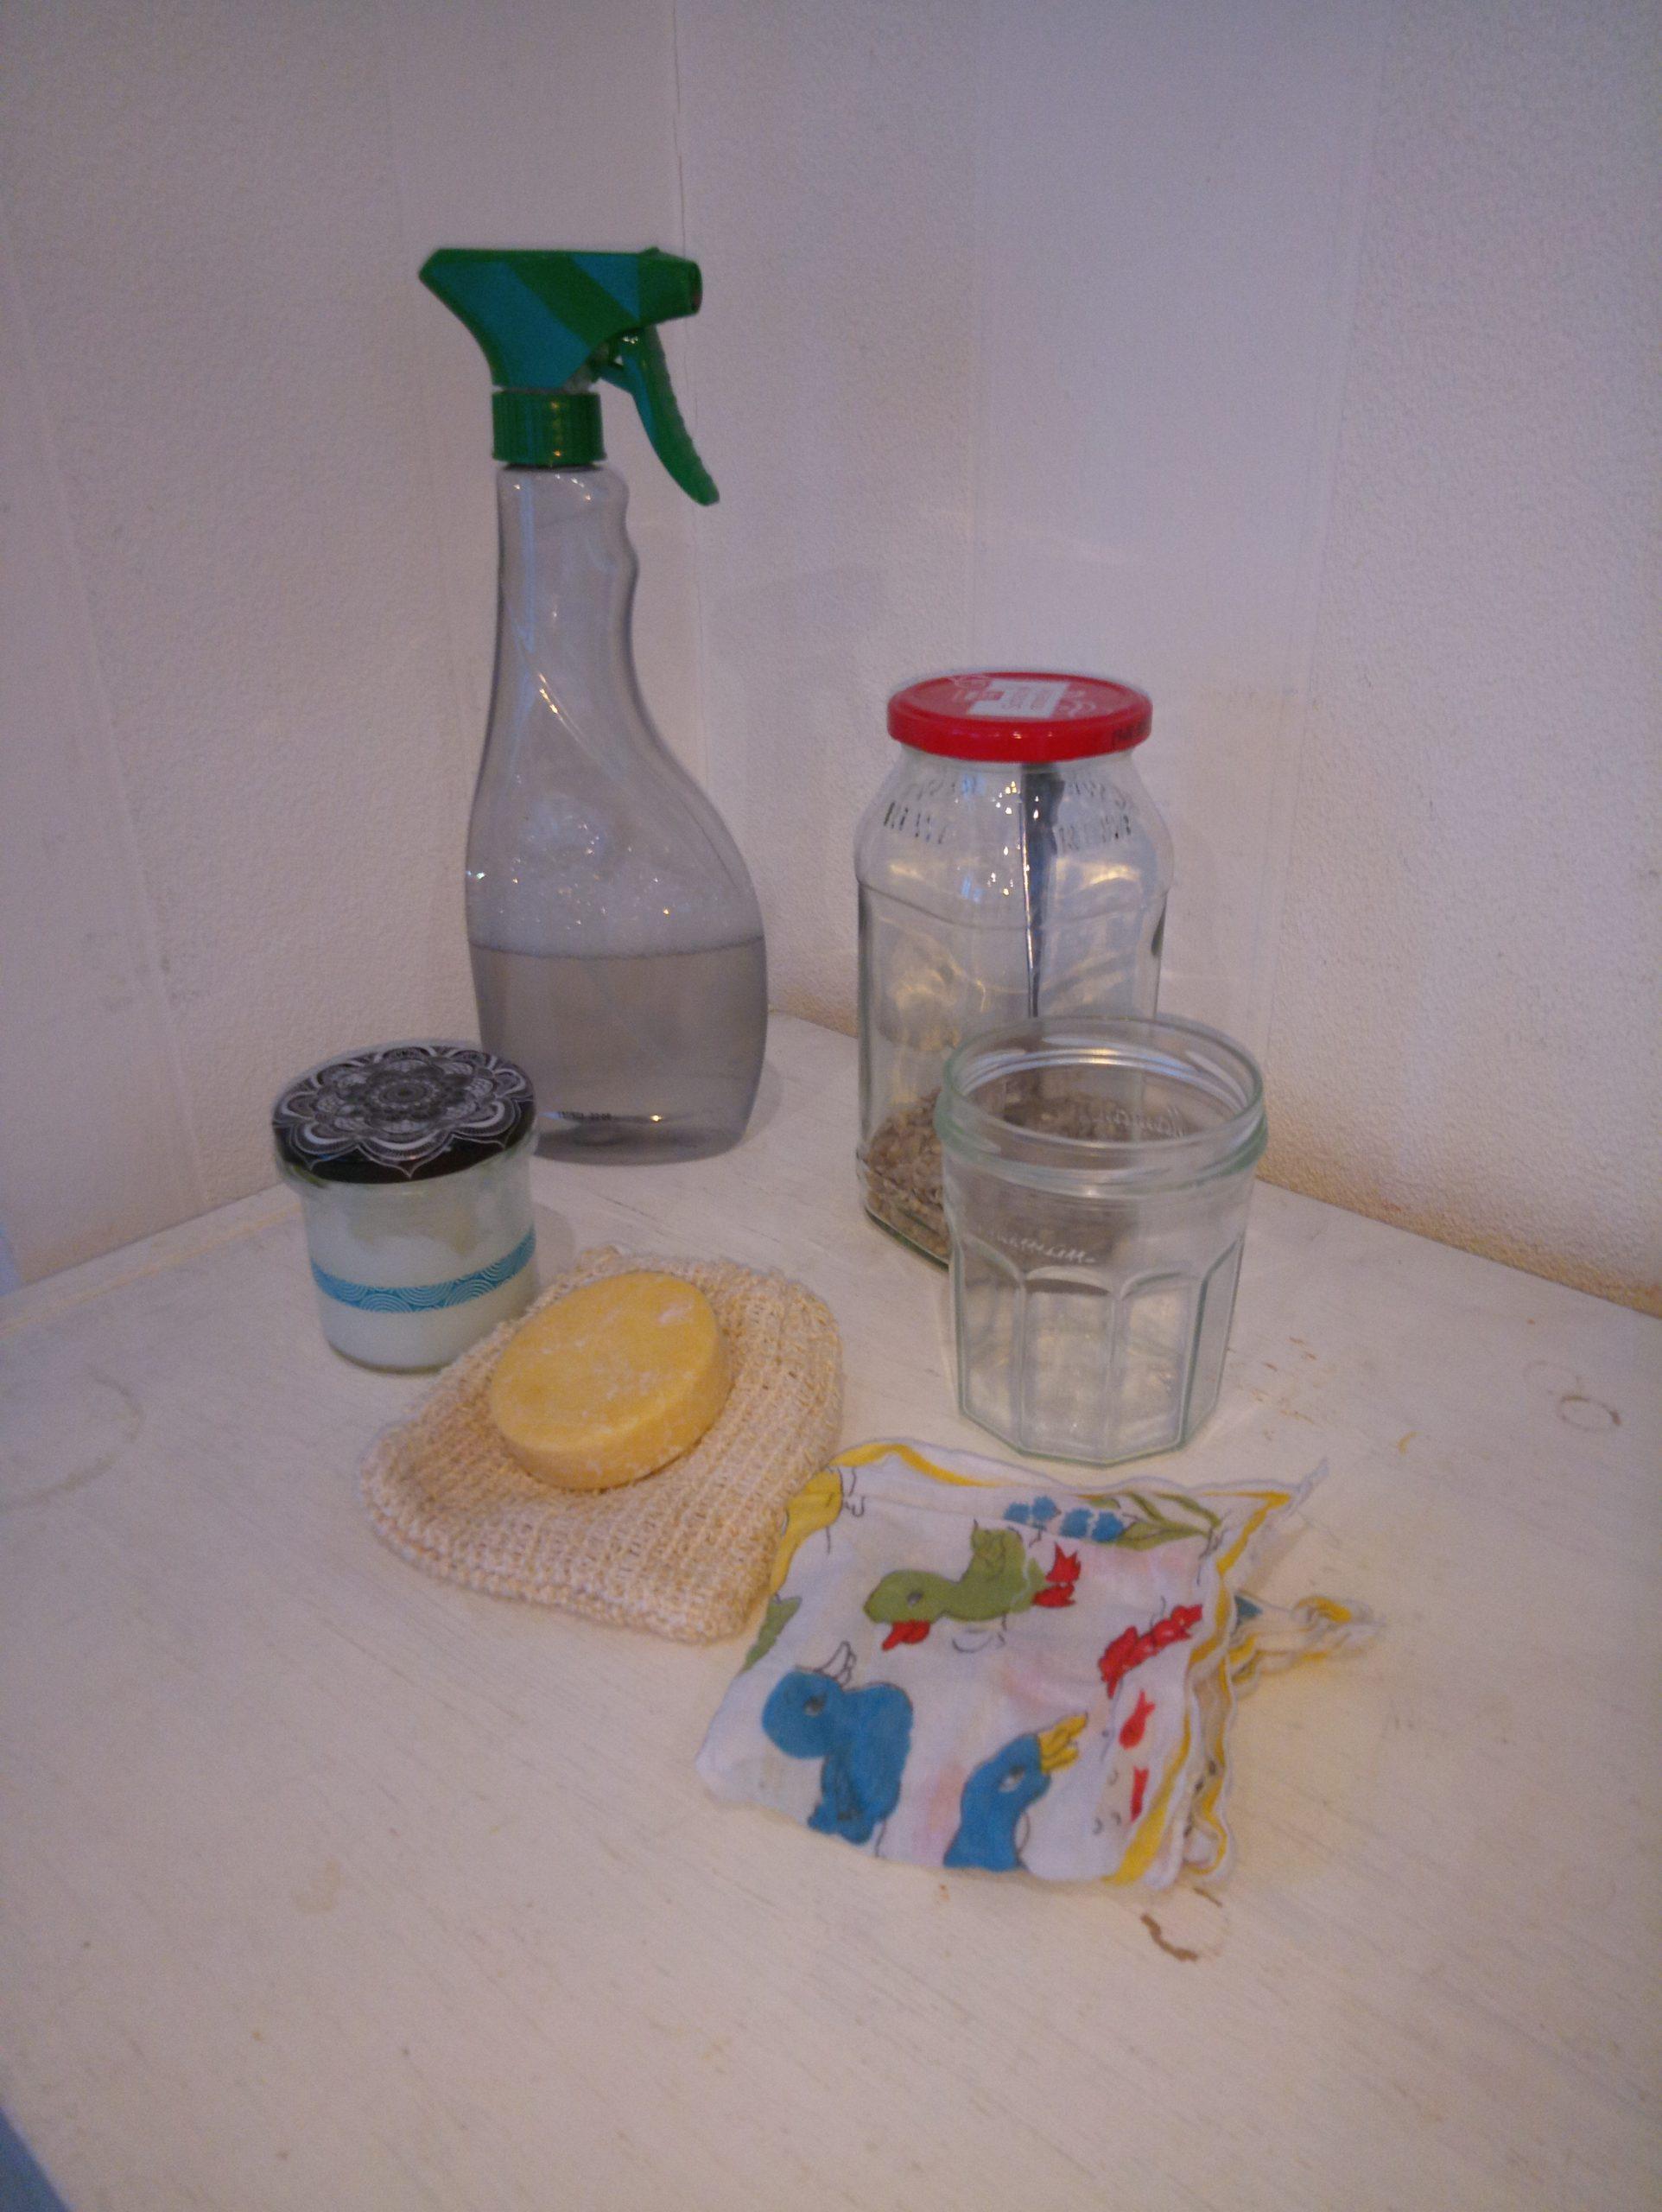 Nachhaltigkeit im Haushalt – 7 Tipps um Müll zu vermeiden (Teil 1)